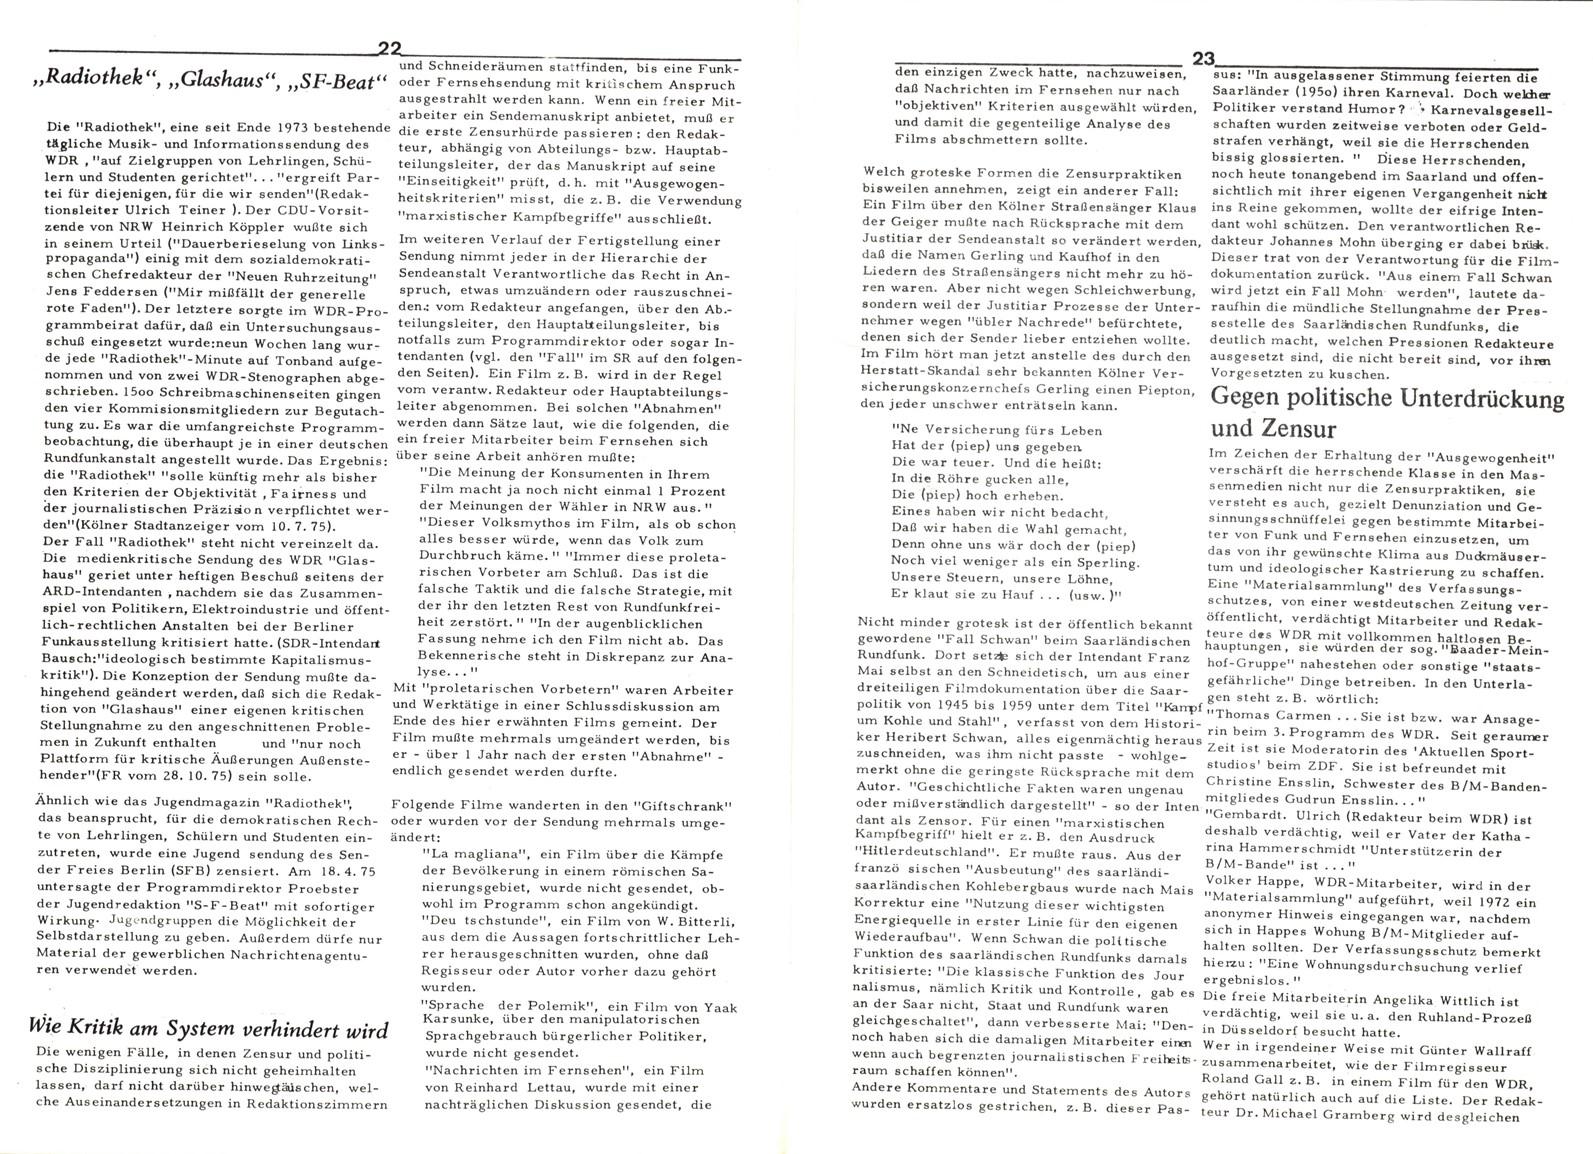 VSK_Kaempfende_Kunst_19760200_Sonderdruck_12